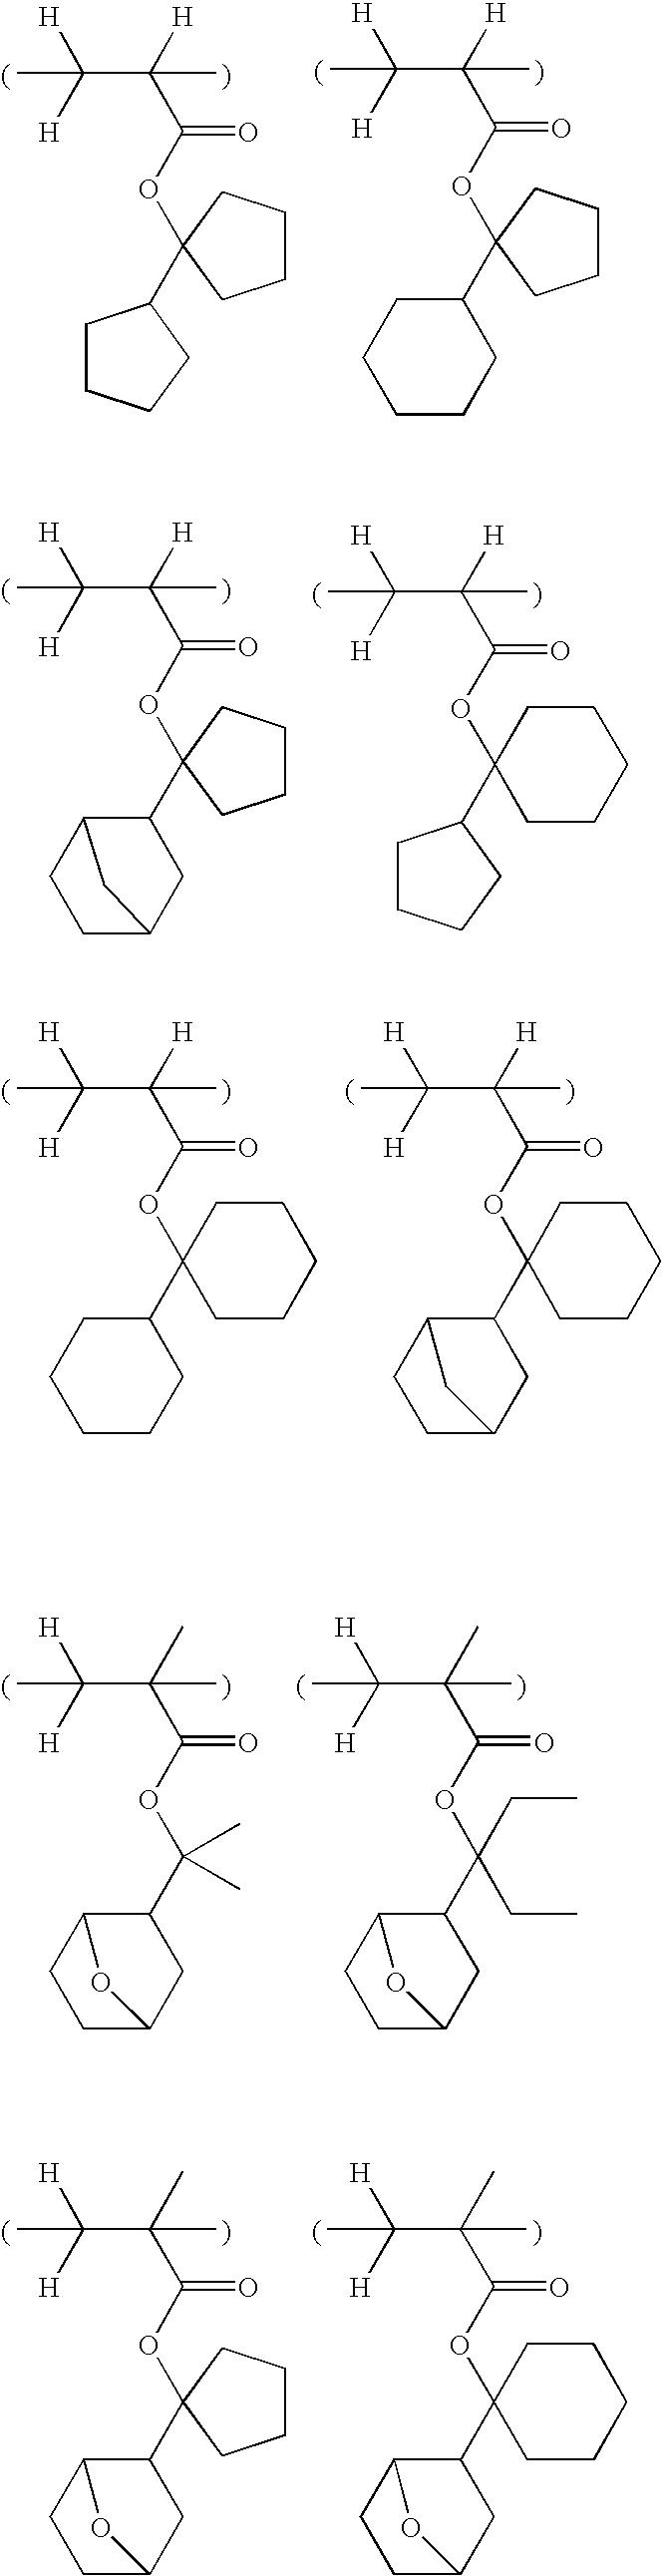 Figure US20070231738A1-20071004-C00049